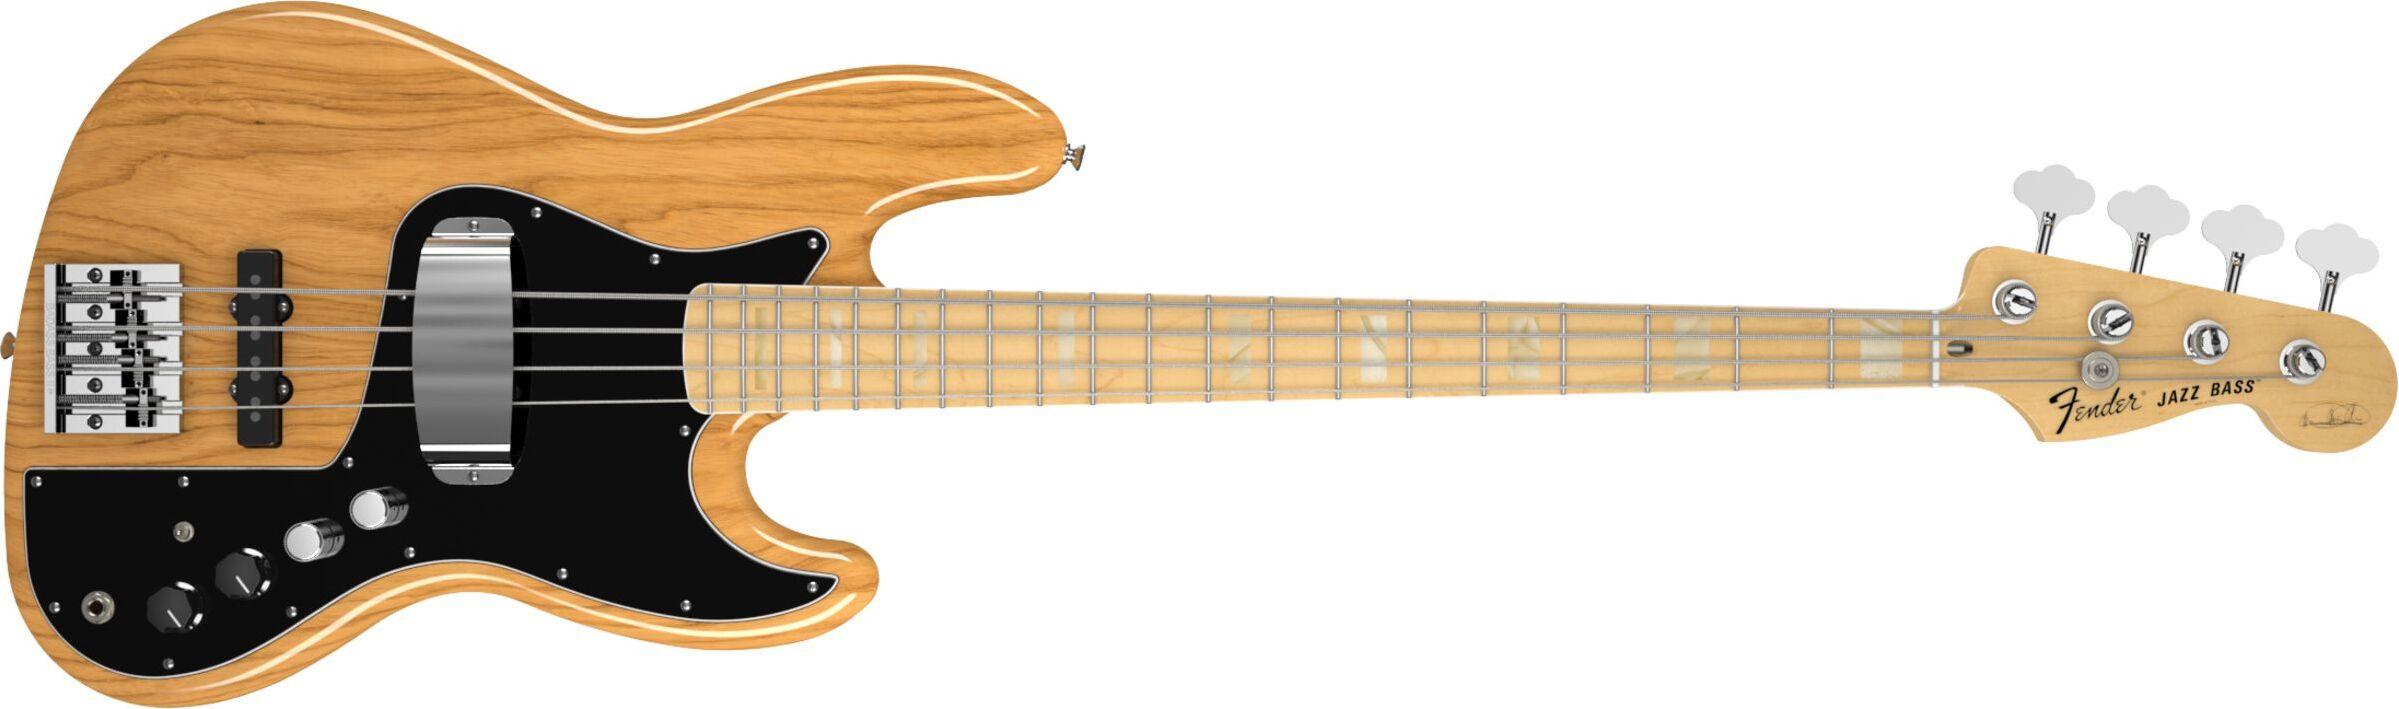 guitare basse fender